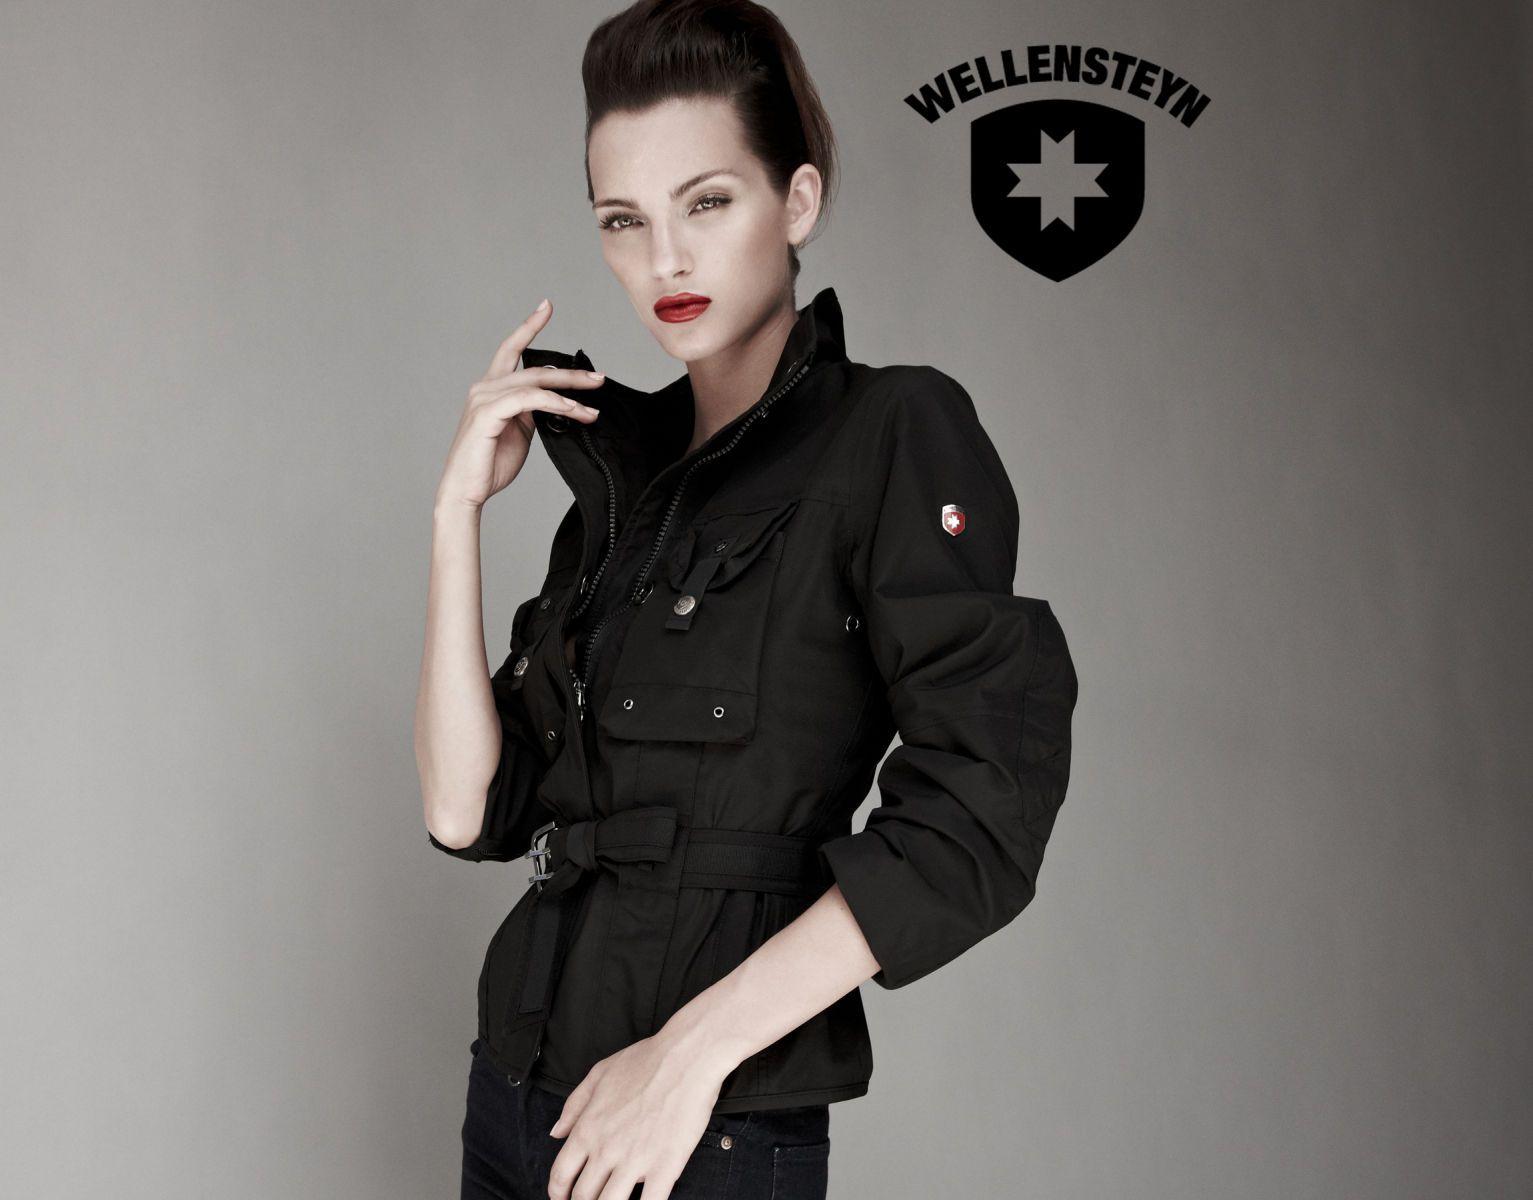 Wellensteyn Women